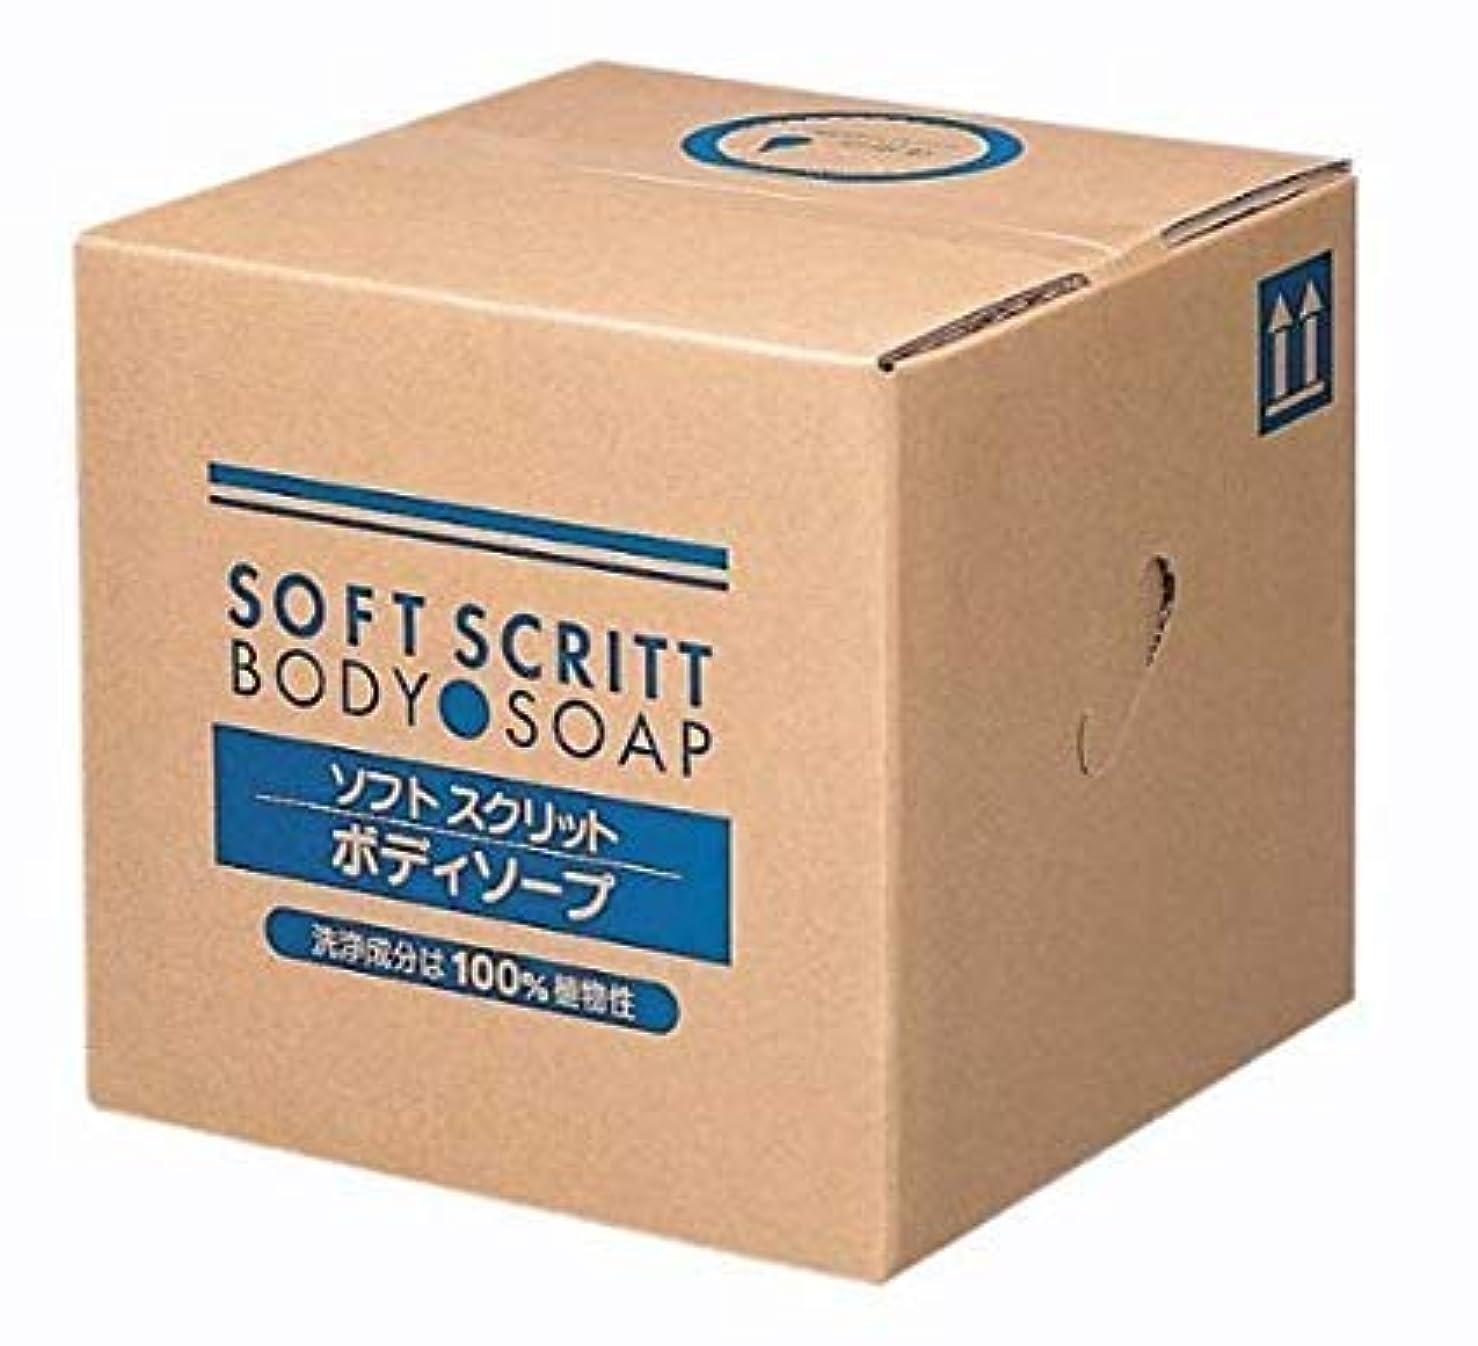 レイアウト虚偽短くするSOFT SCRITT(ソフトスクリット) ボディソープ 詰替用 18L 4353 (熊野油脂) (清拭小物)